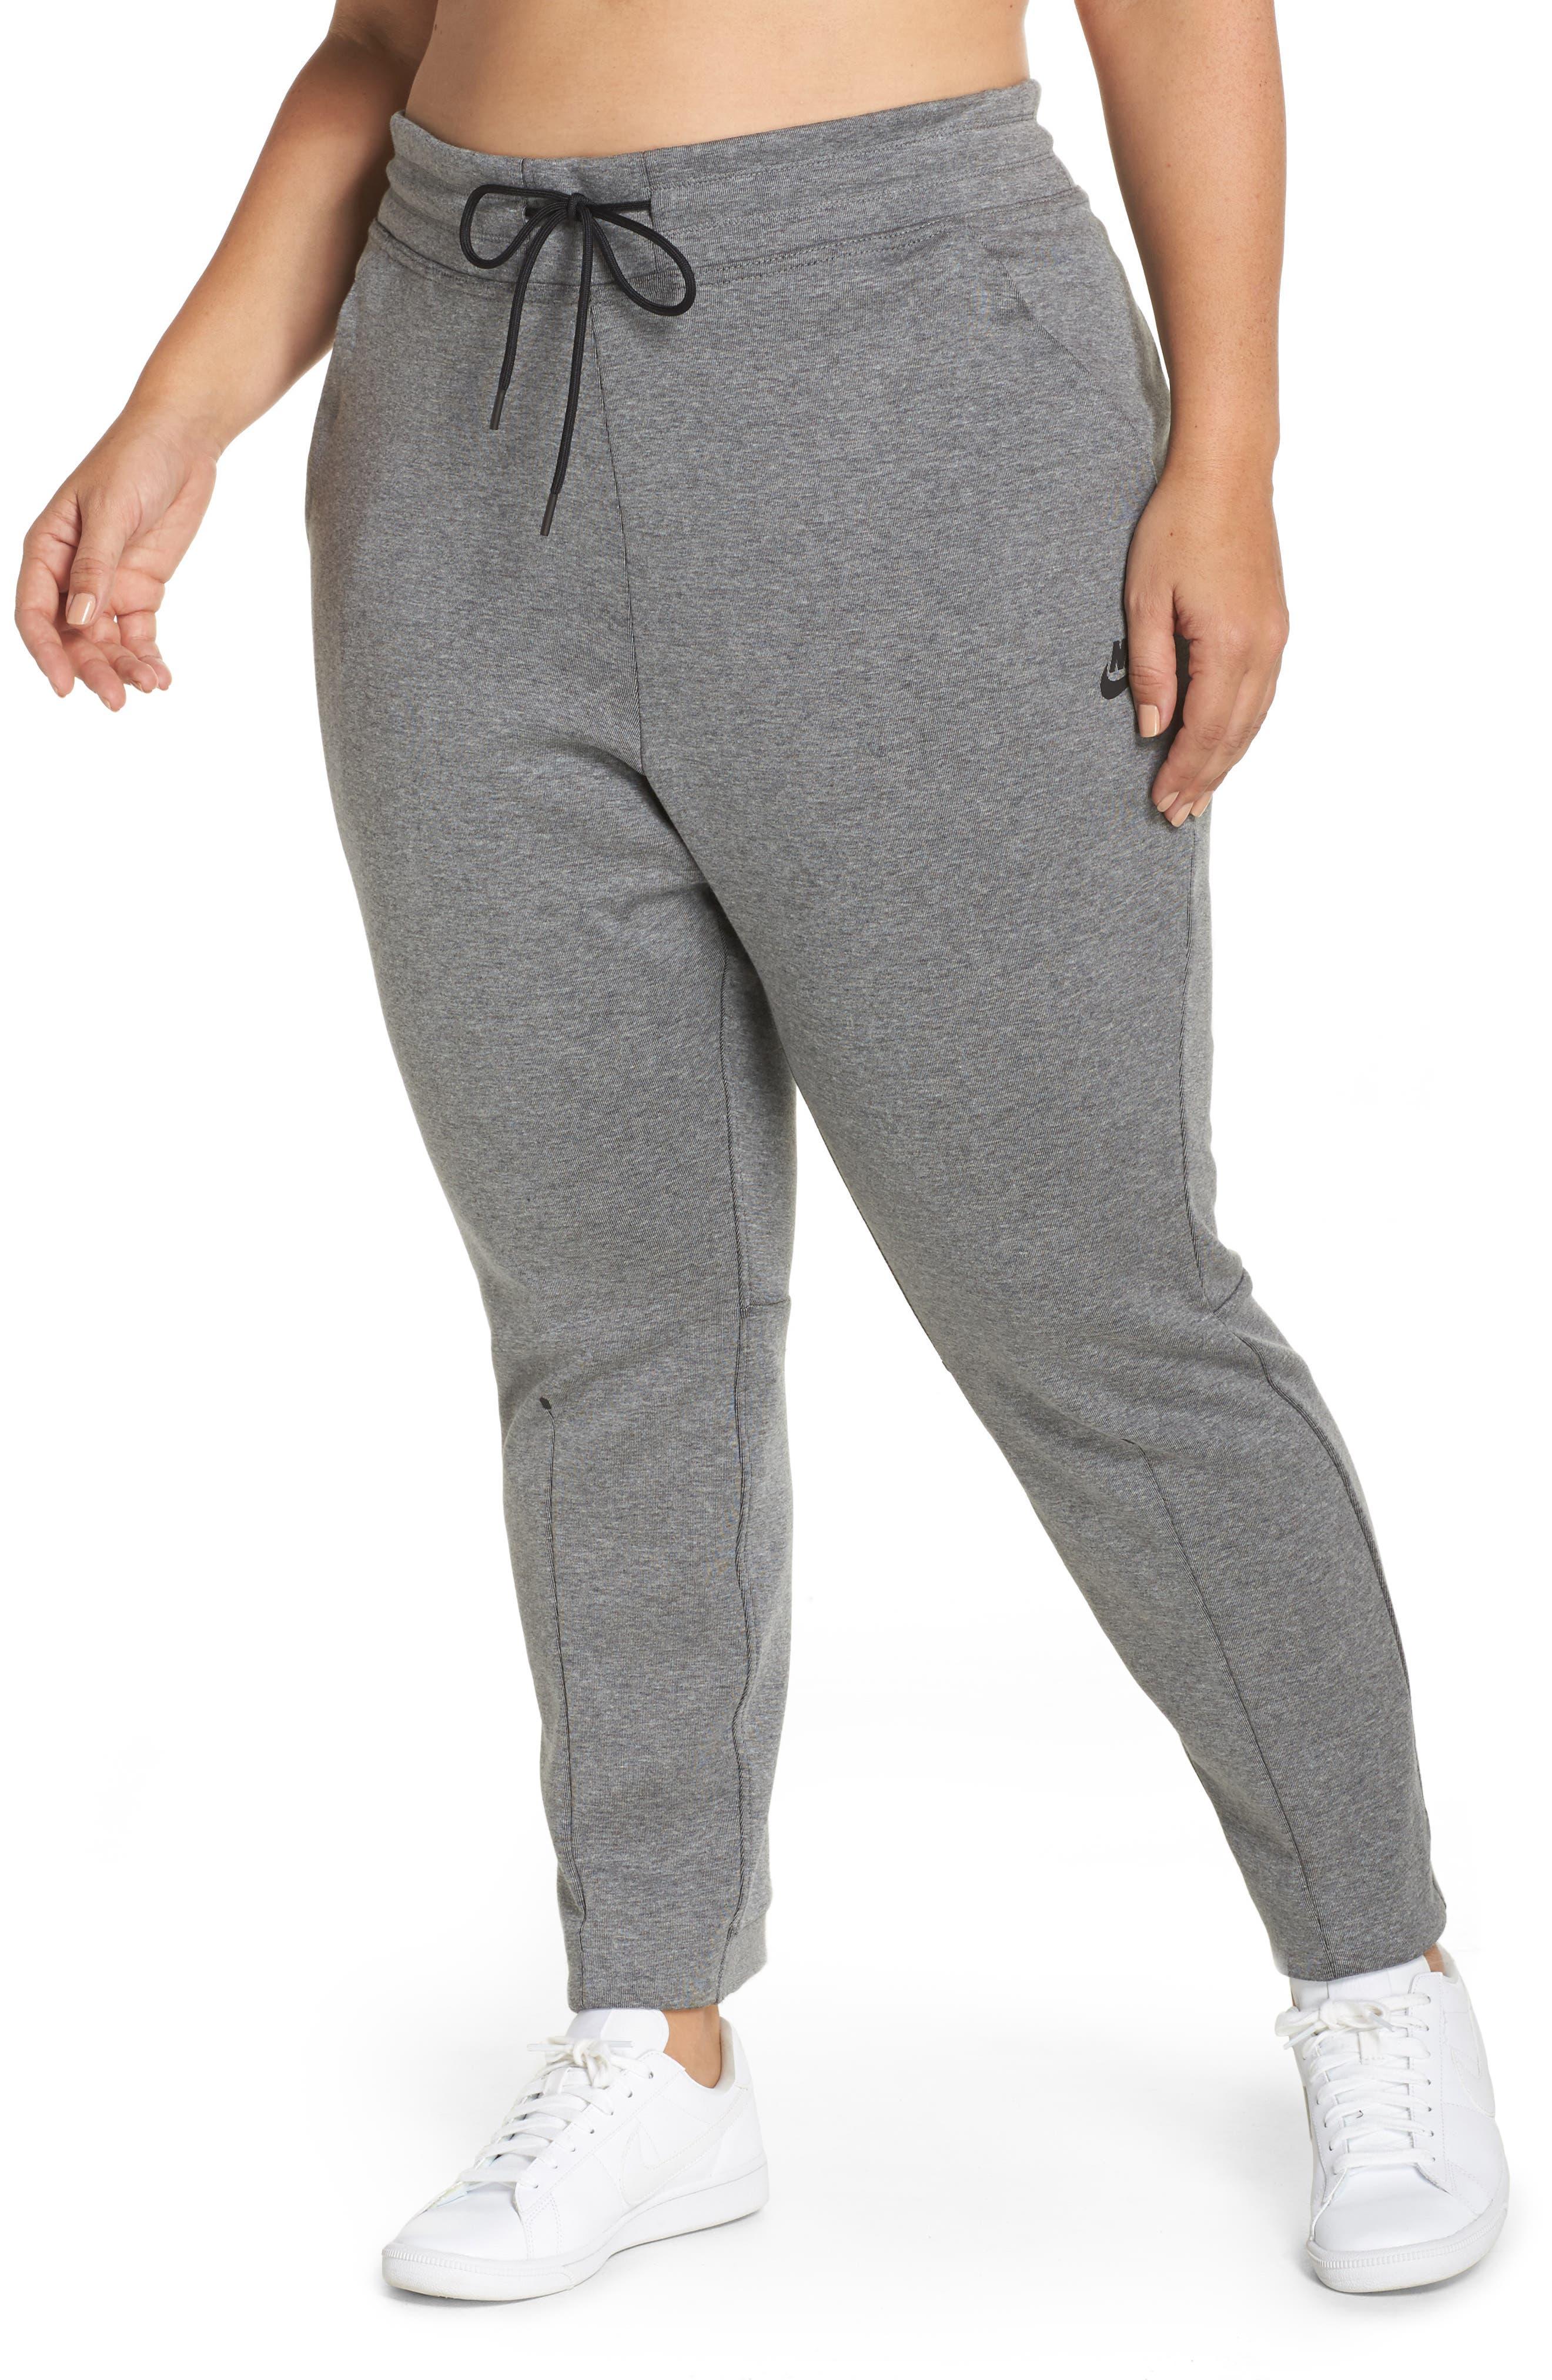 Tech Fleece Jogger Pants,                         Main,                         color, Carbon Heather/ Black